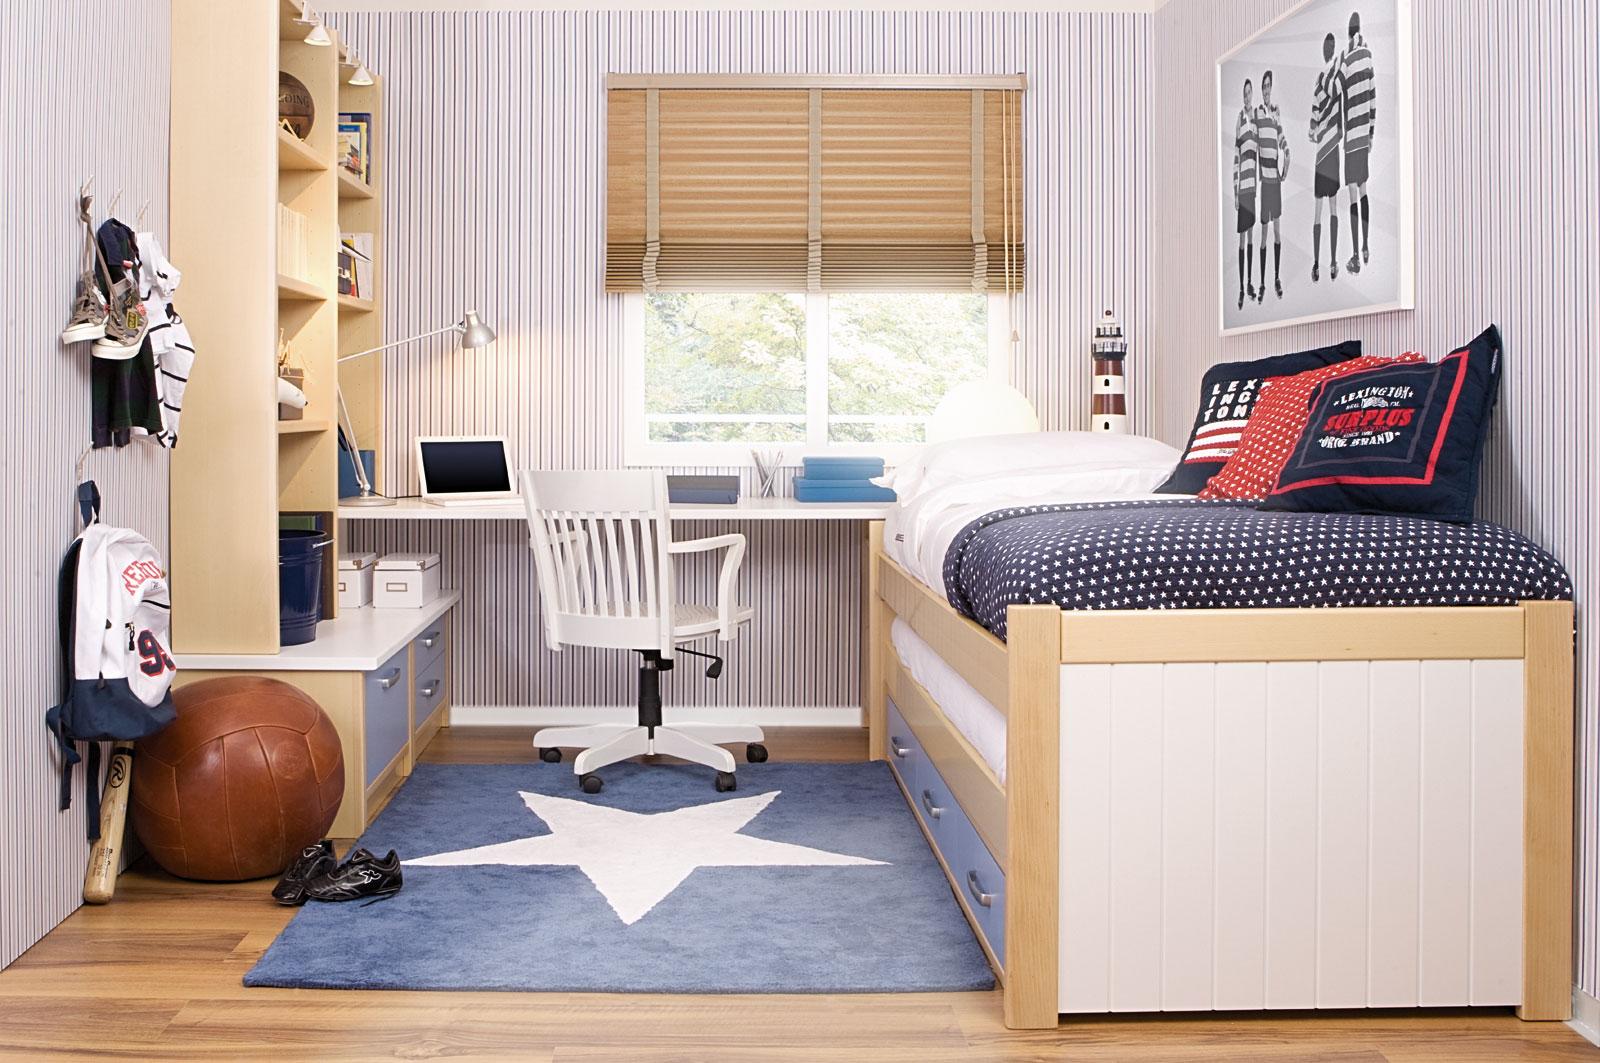 10 dormitorios juveniles modernos ideas para decorar - Como amueblar un dormitorio pequeno ...